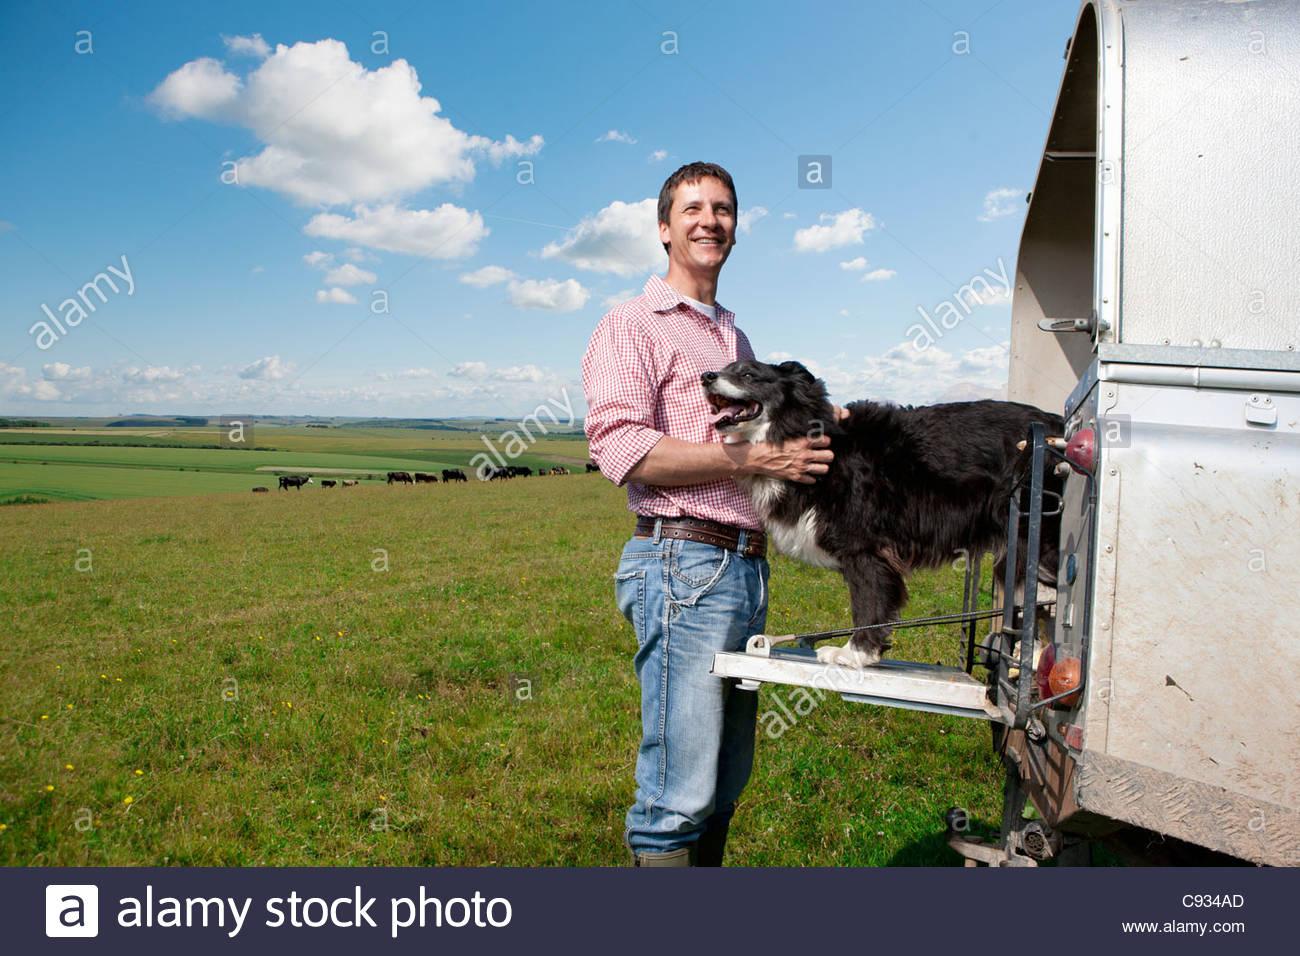 Ritratto di contadino sorridente petting cane sul portellone del camion nel campo Immagini Stock